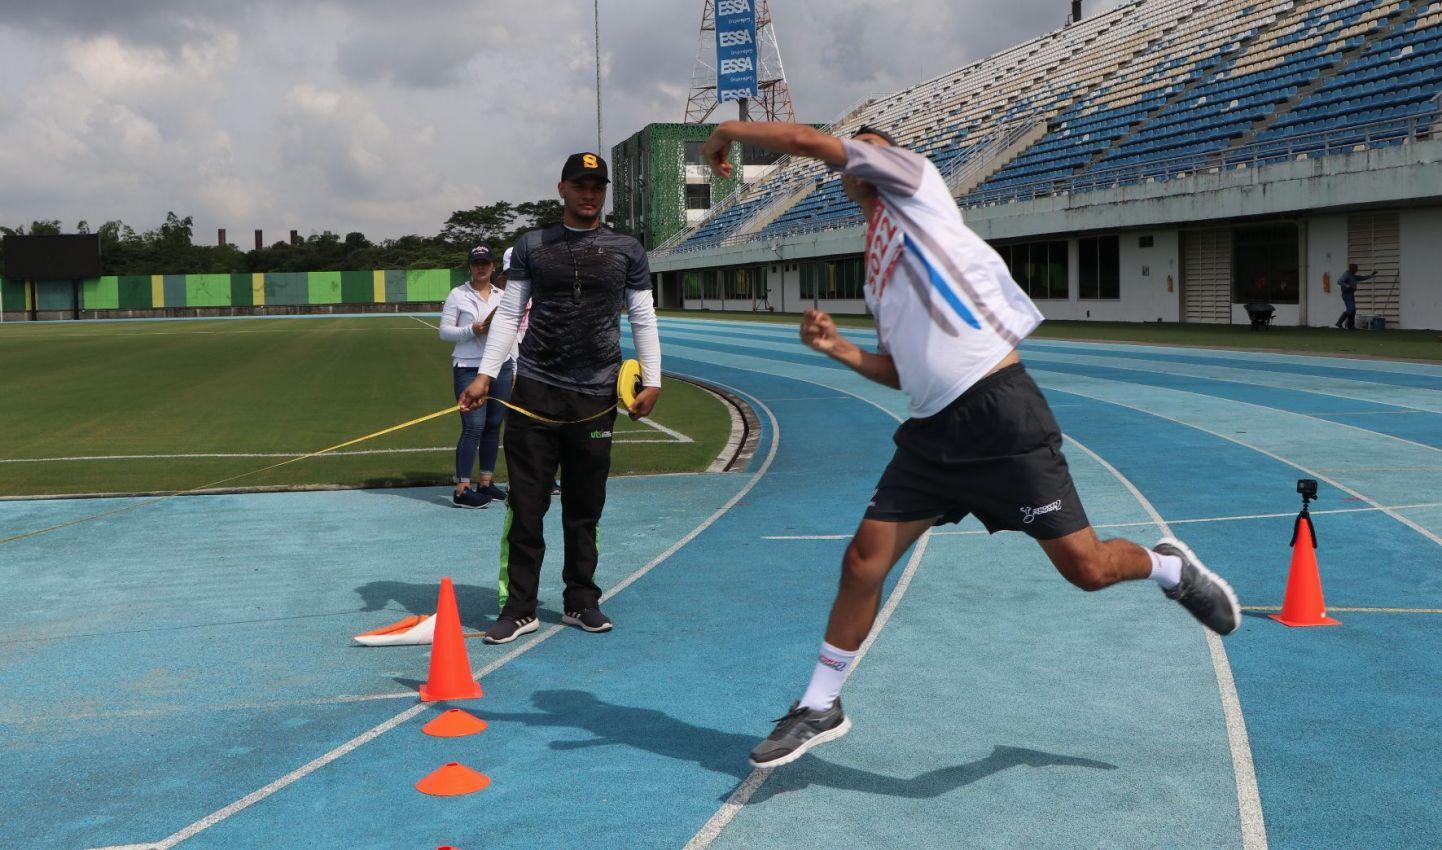 Persona con discapacidad física esta realizando un lanzamiento de bala, al fondo se ve el escenario deportivo, el juez y dos personas del staff. Foto tomada en Barrancabermeja - Santander, 2019.